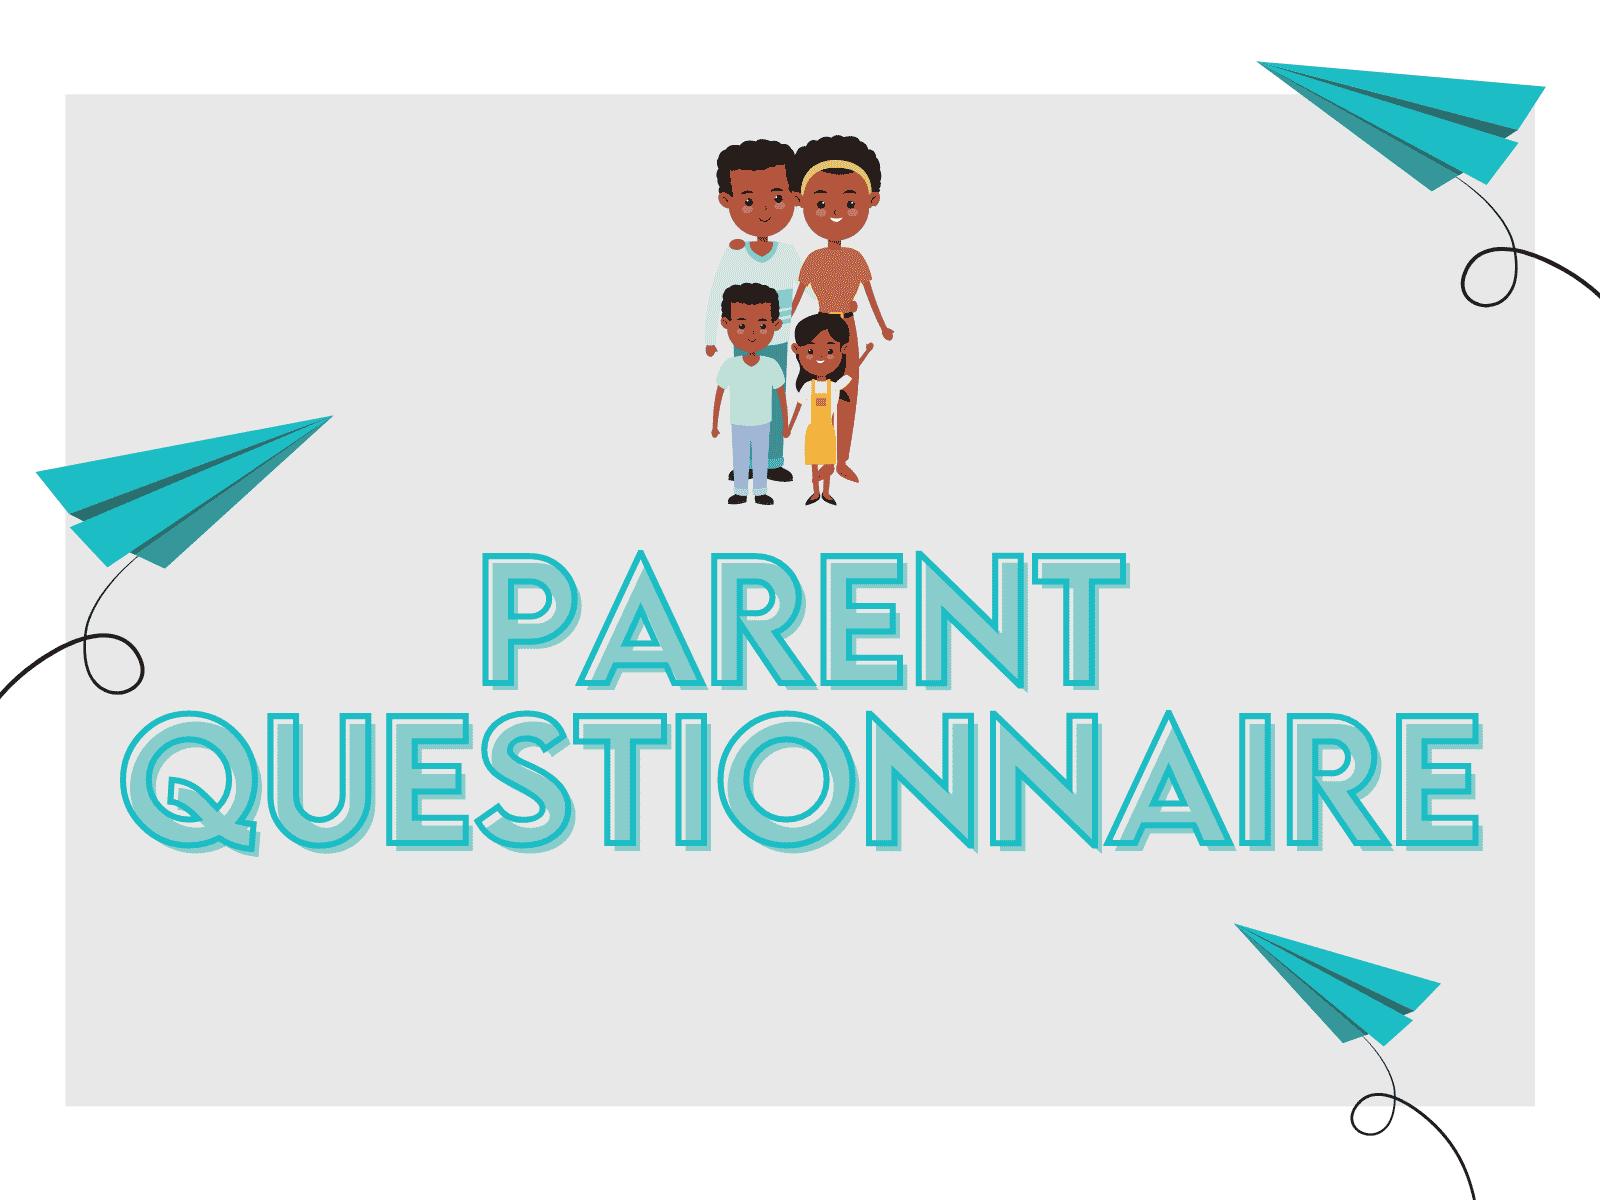 Free parent questionnaire for tutors and teachers.